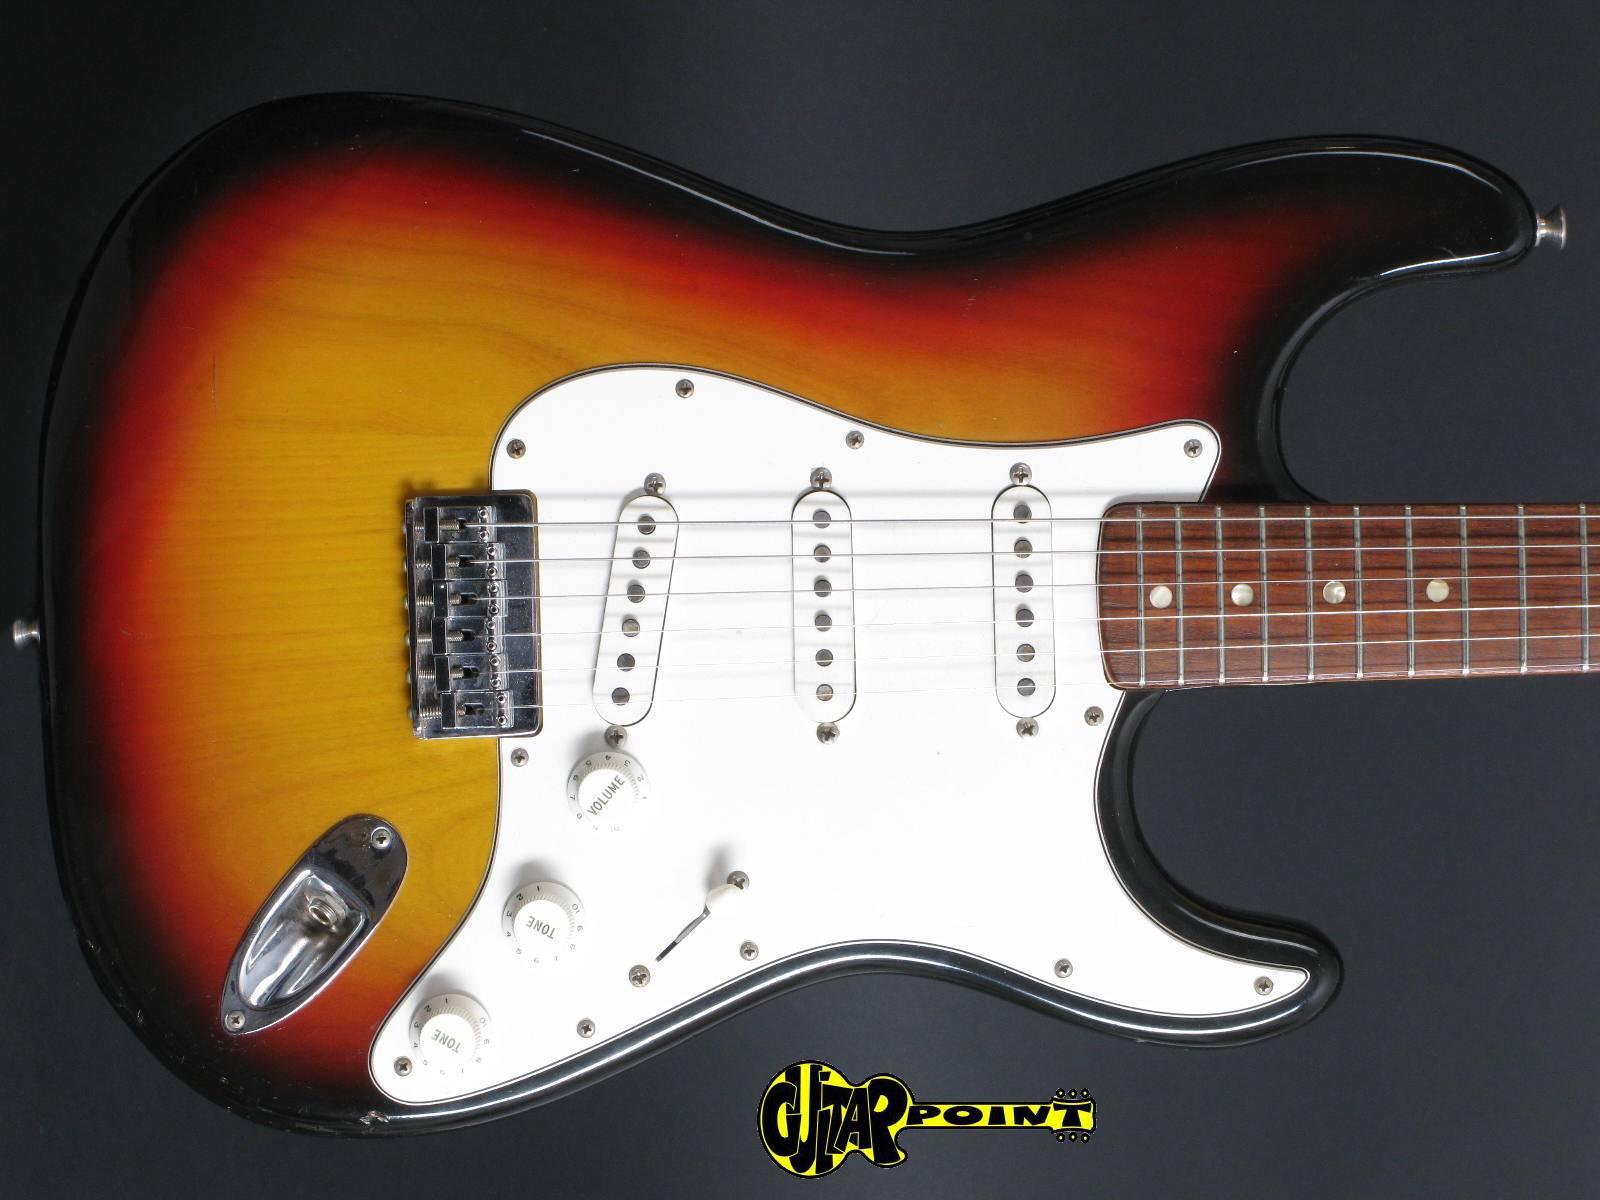 1973 Fender Stratocaster - Sunburst  (Hardtail)